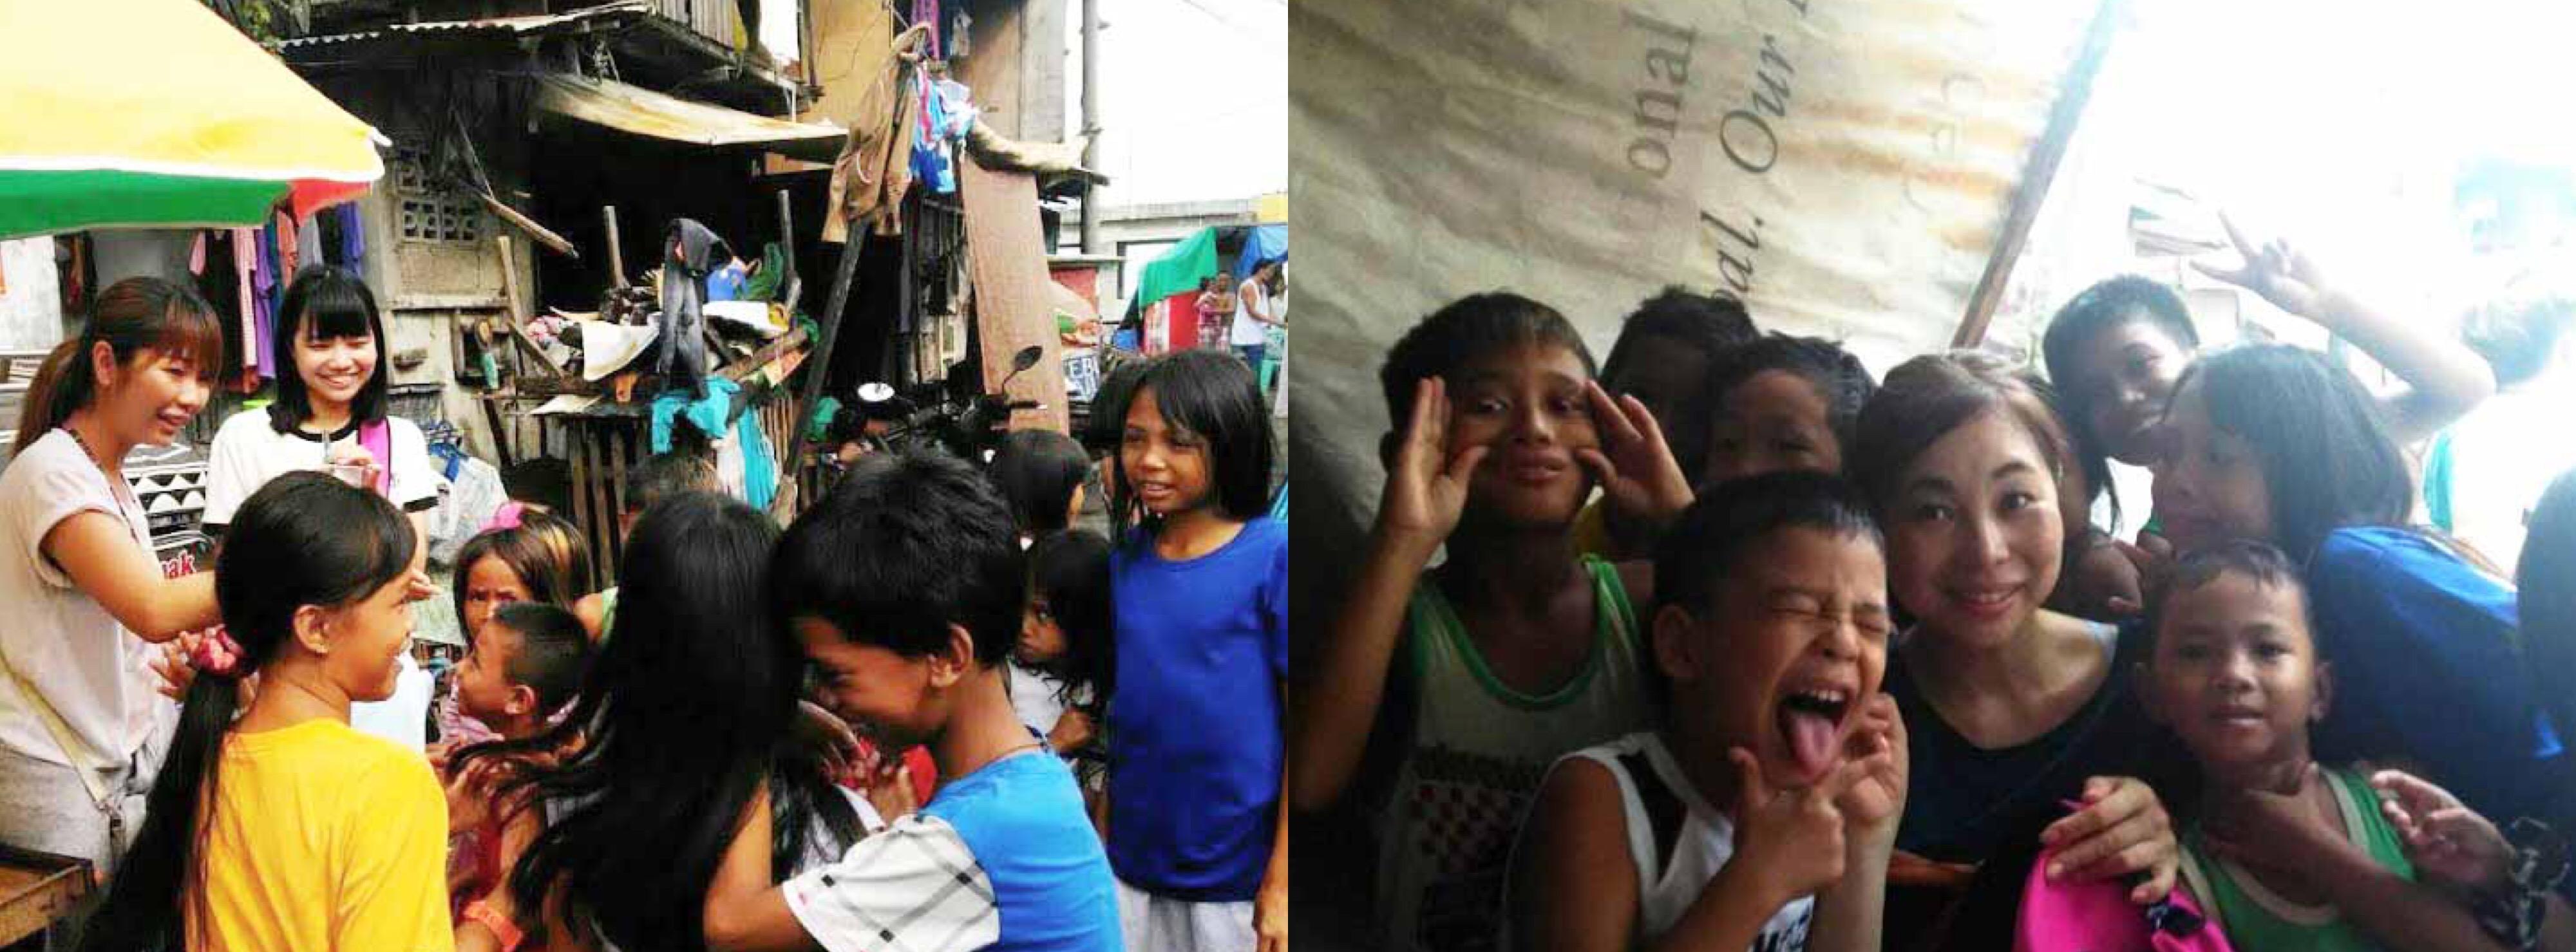 フィリピン人と触れ合うさくらさん、お友達、お母さん